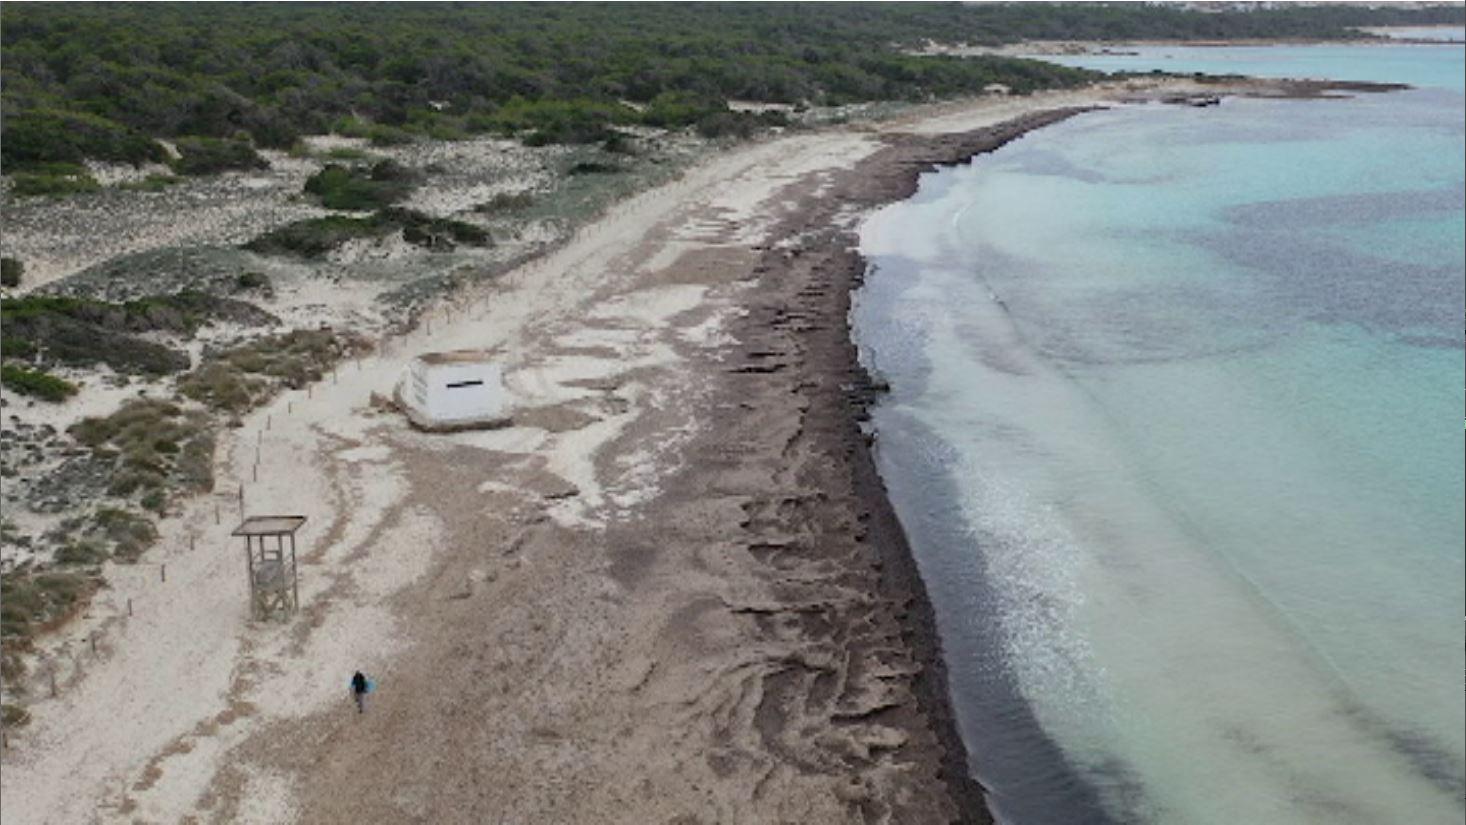 En+60+anys%2C+la+platja+des+Trenc+ha+perdut+fins+a+30+metres+de+costa